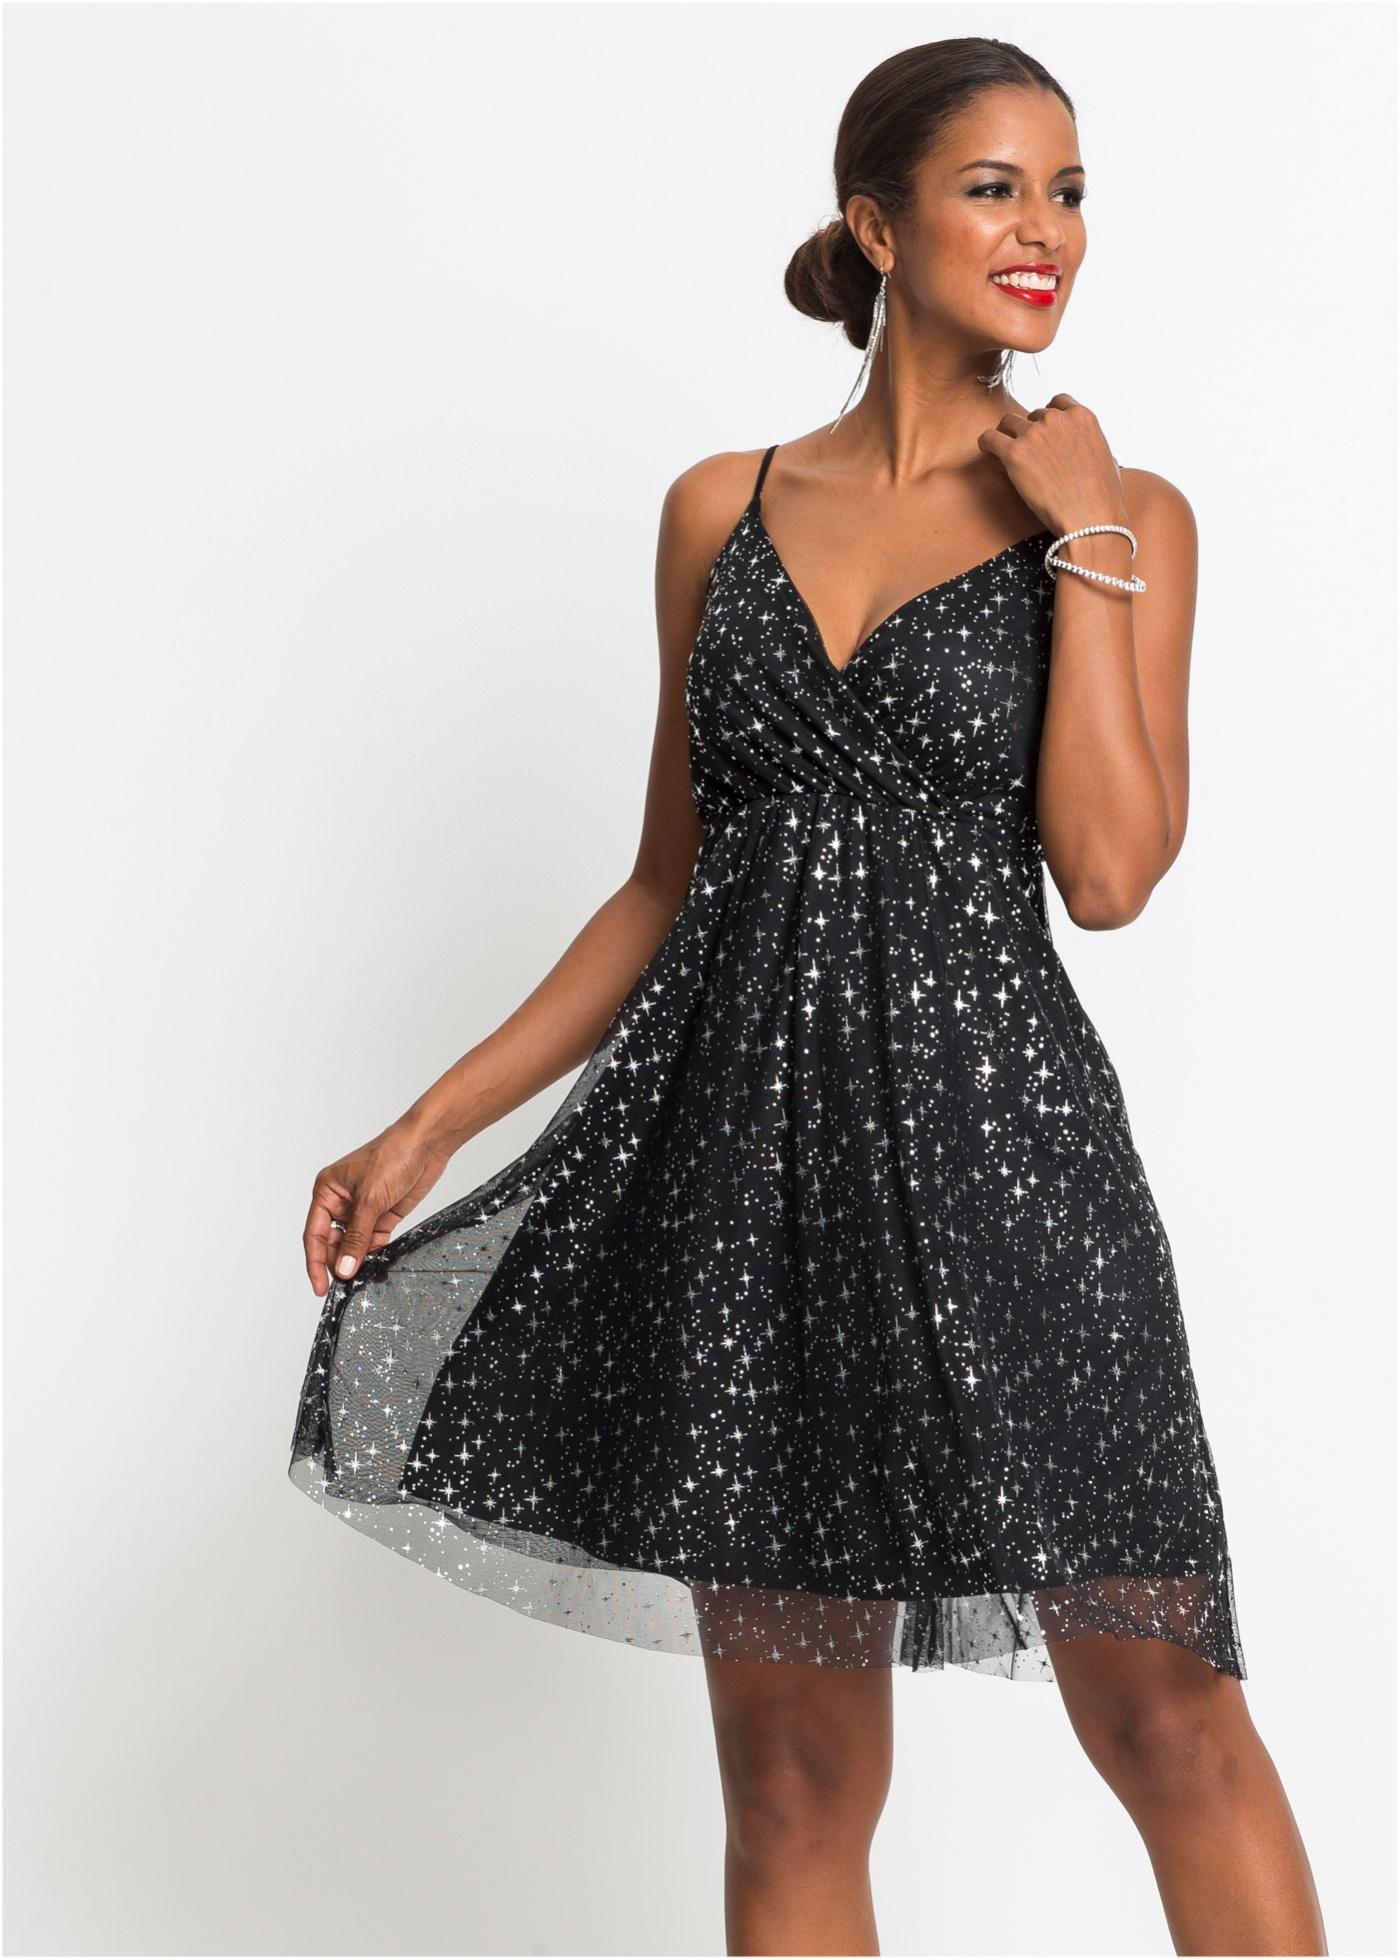 Kleid mit Metallic-Print, BODYFLIRT boutique